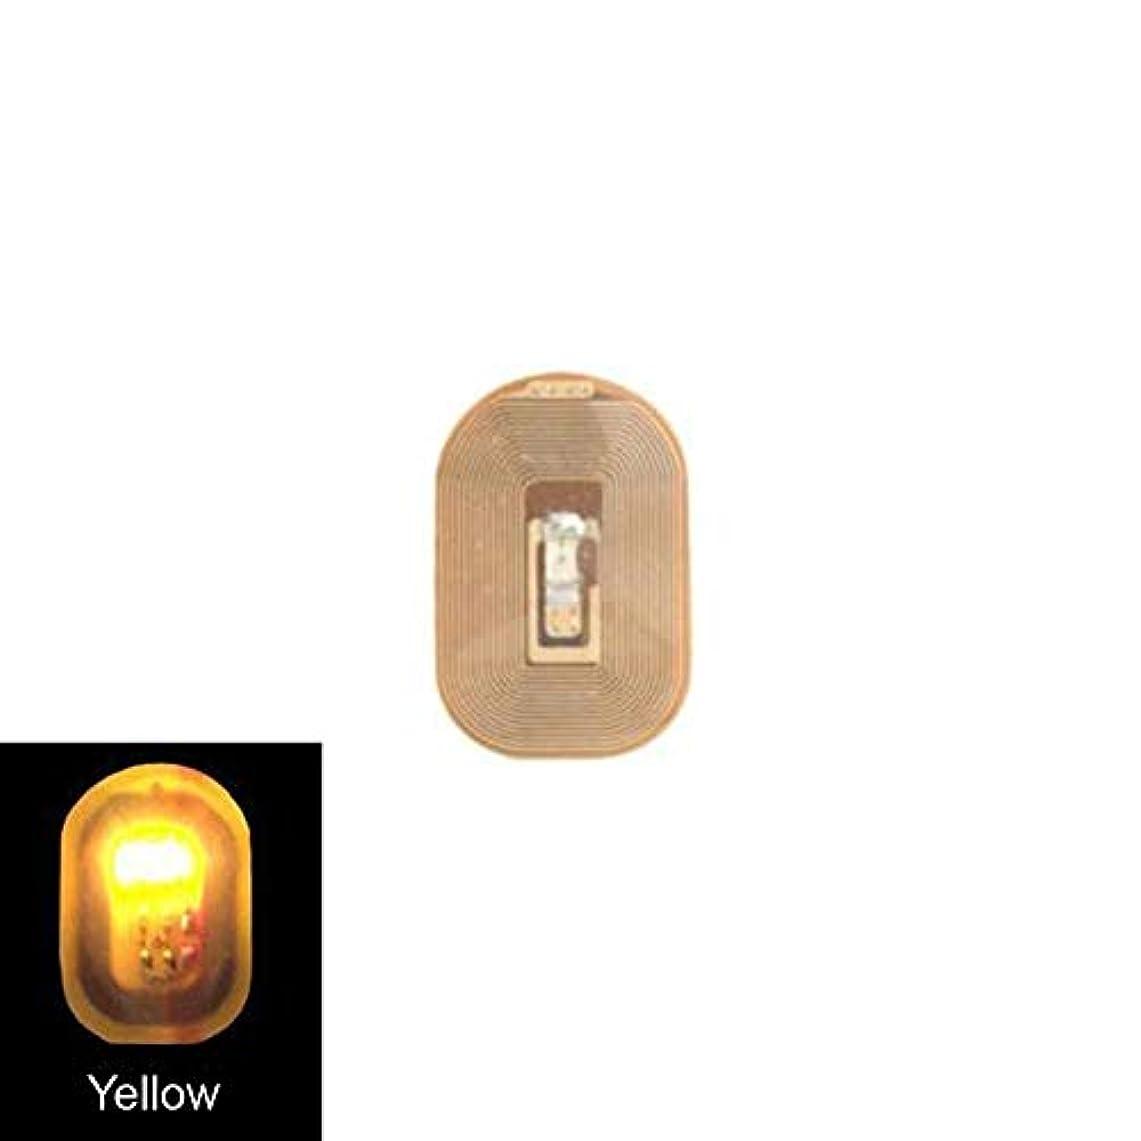 フリース穏やかなナチュラルACHICOO ネイルアートステッカー NFC ネイルアート LEDライト ステッカーデカール DIY アクセサリー yellow light